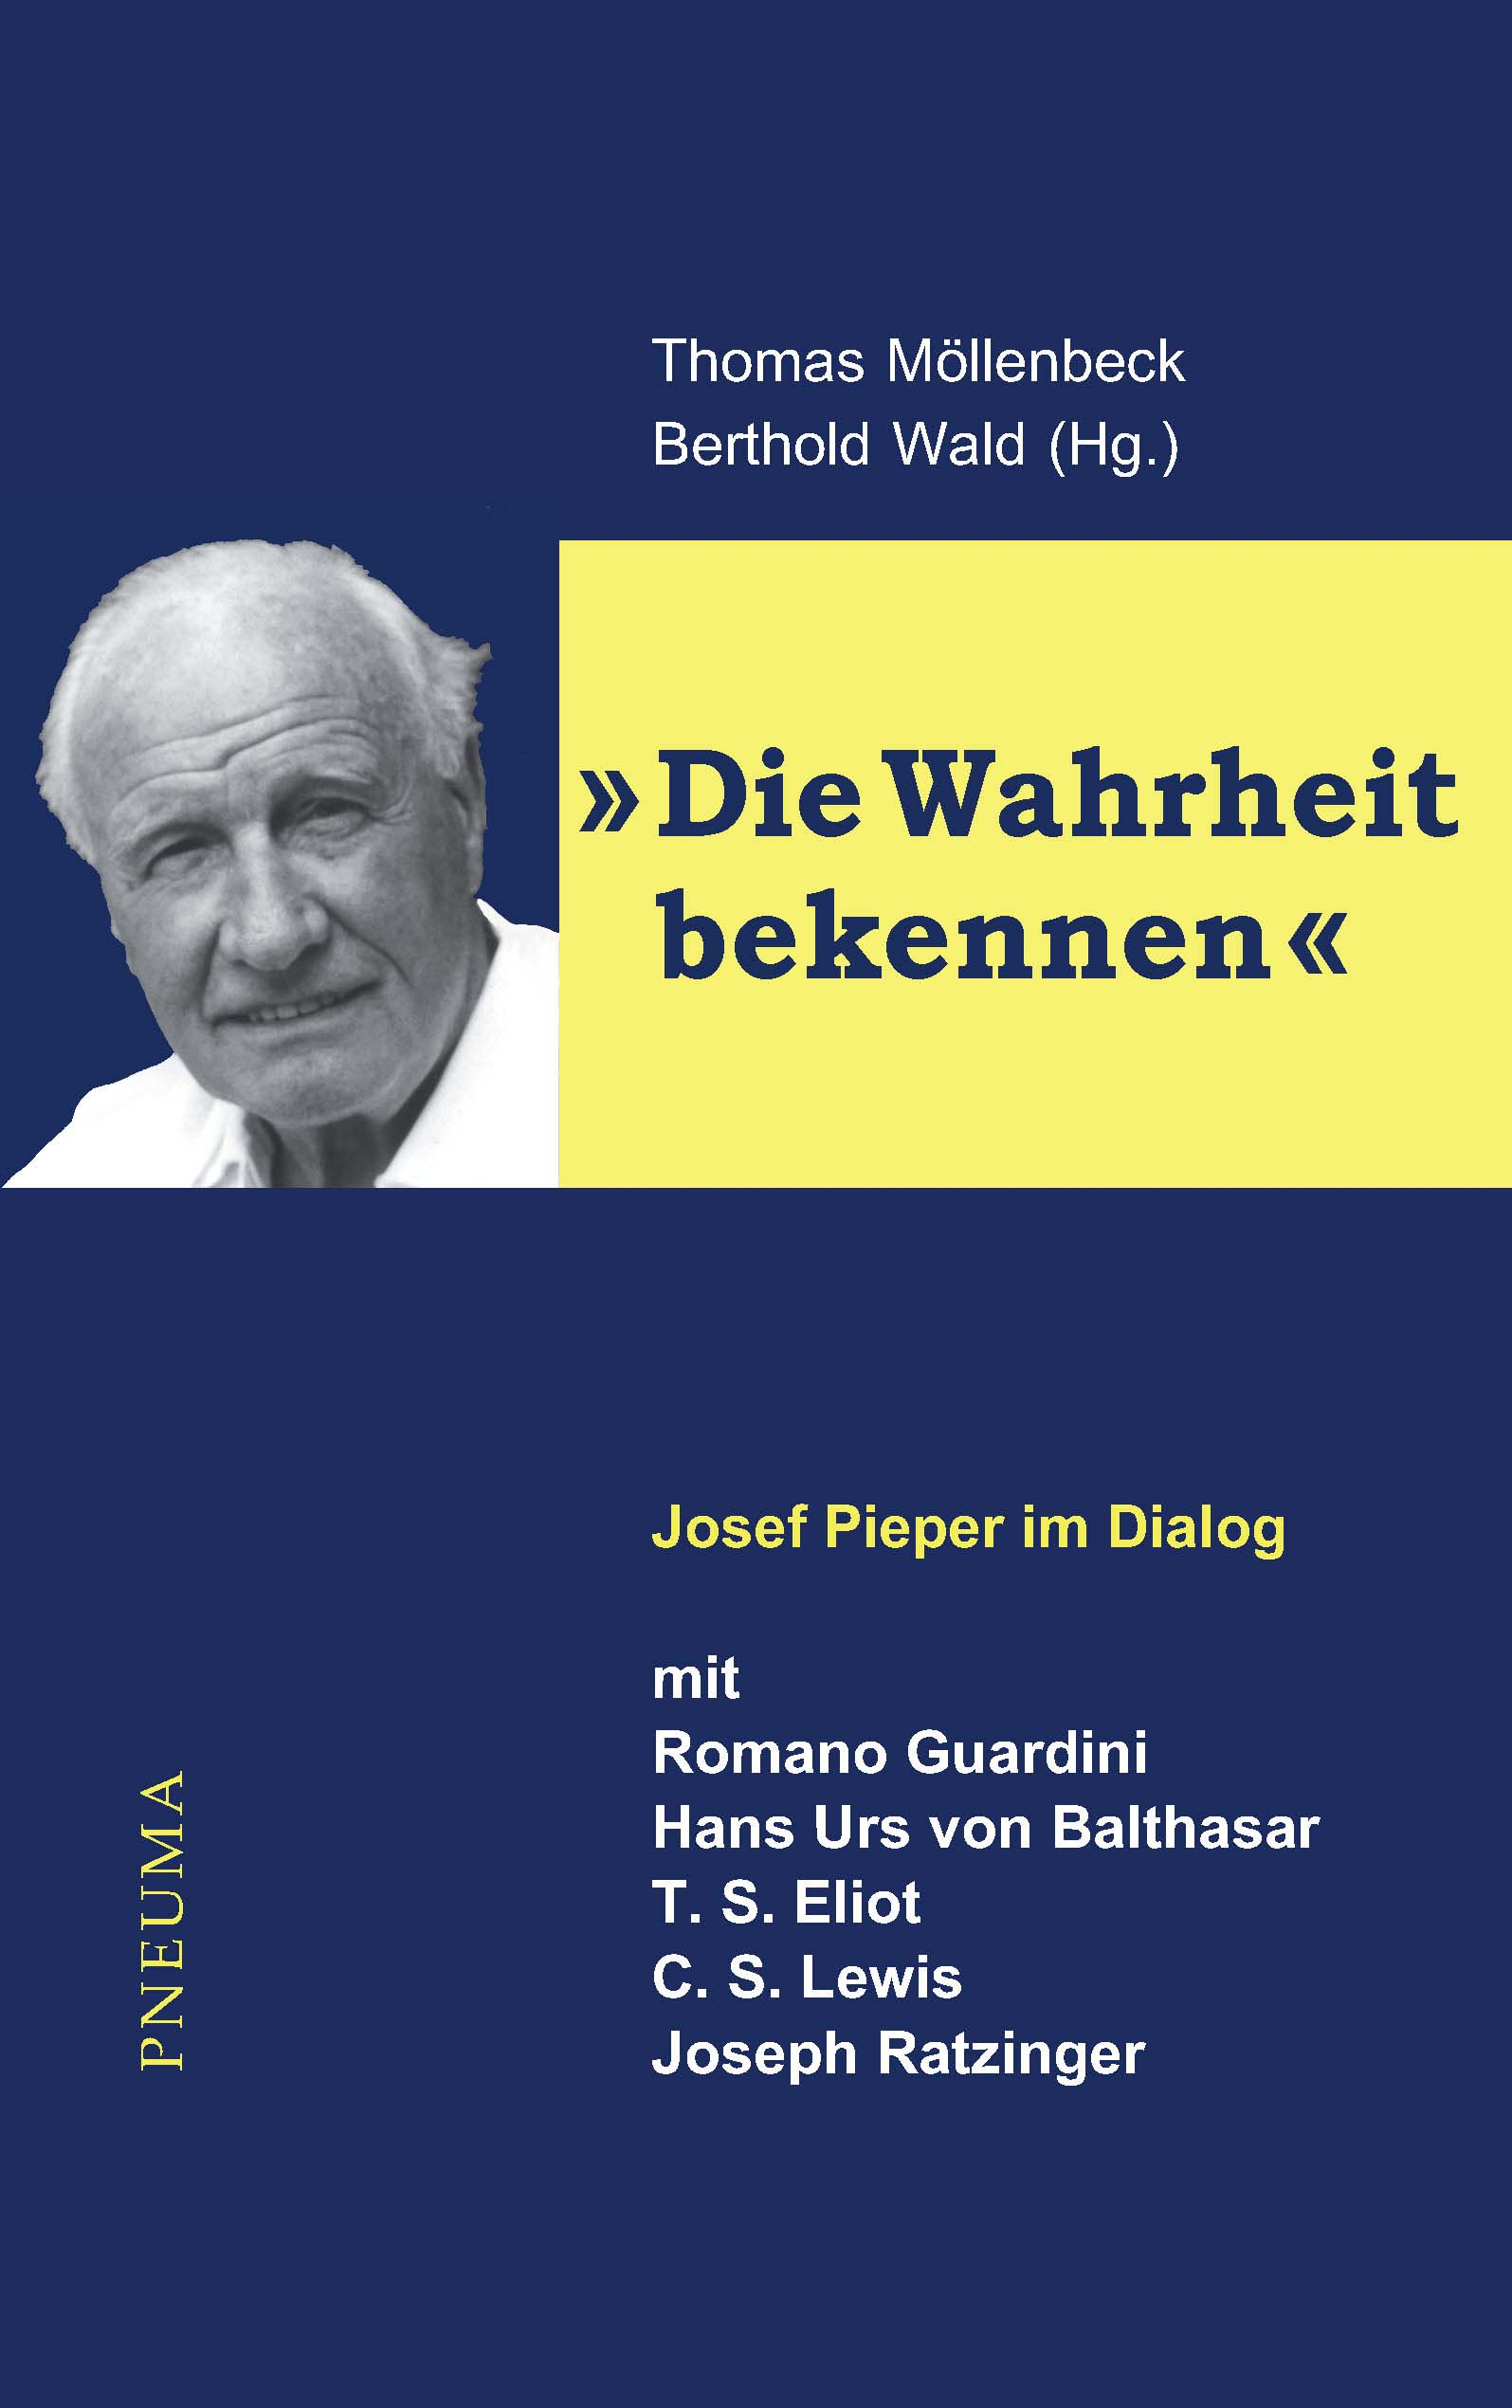 Josef Pieper: Die Wahrheit bekennen